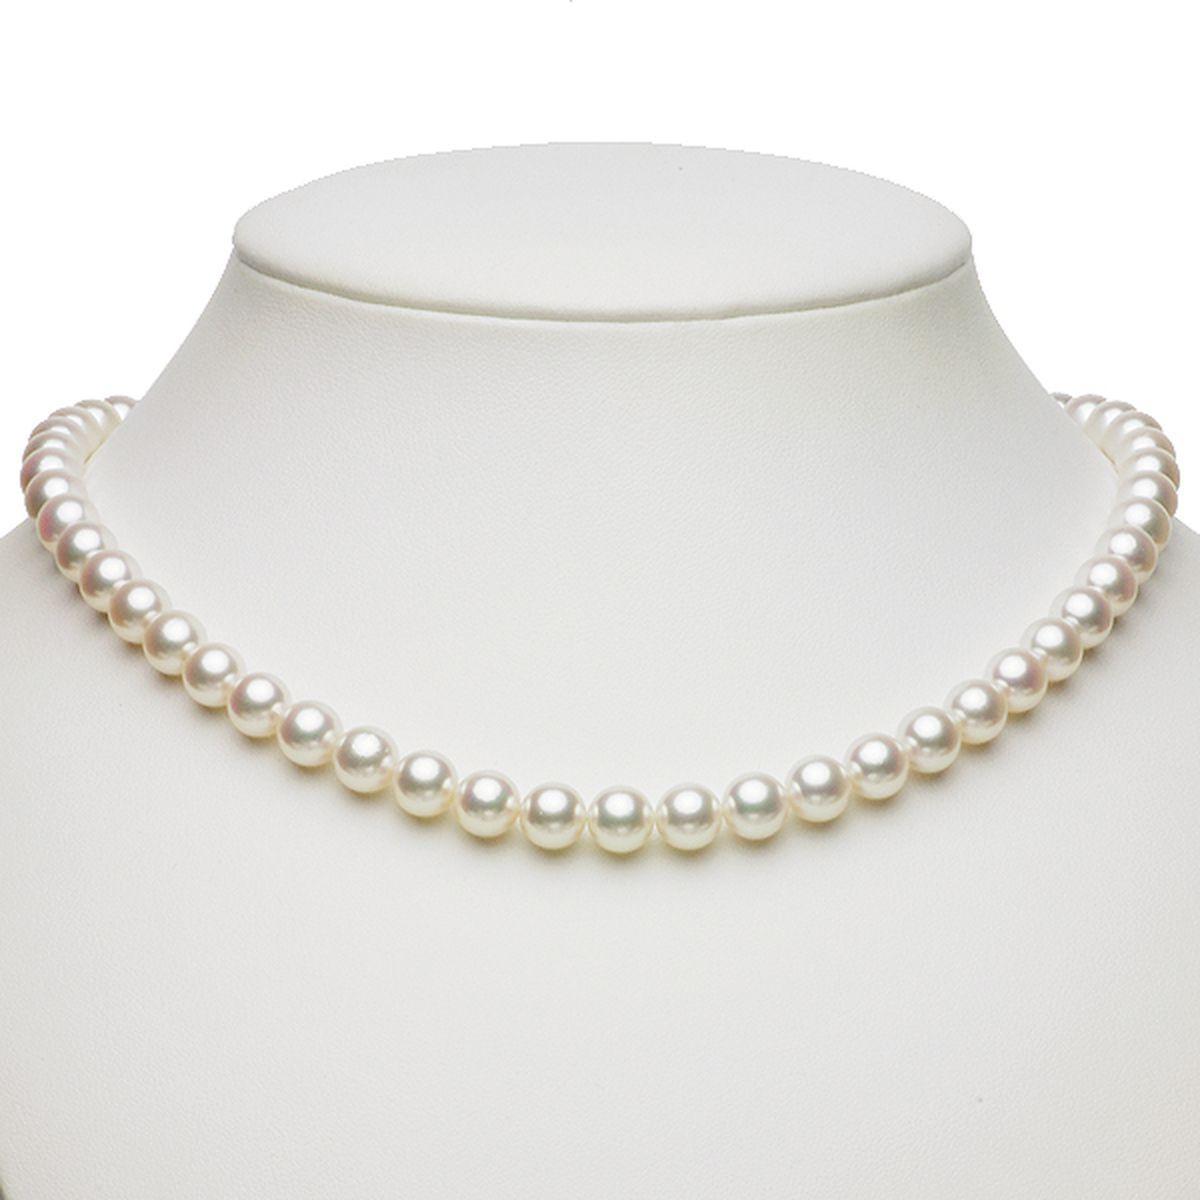 アコヤ 花珠 真珠 イヤリング ネックレス セット 約7.5-8.0mmの写真